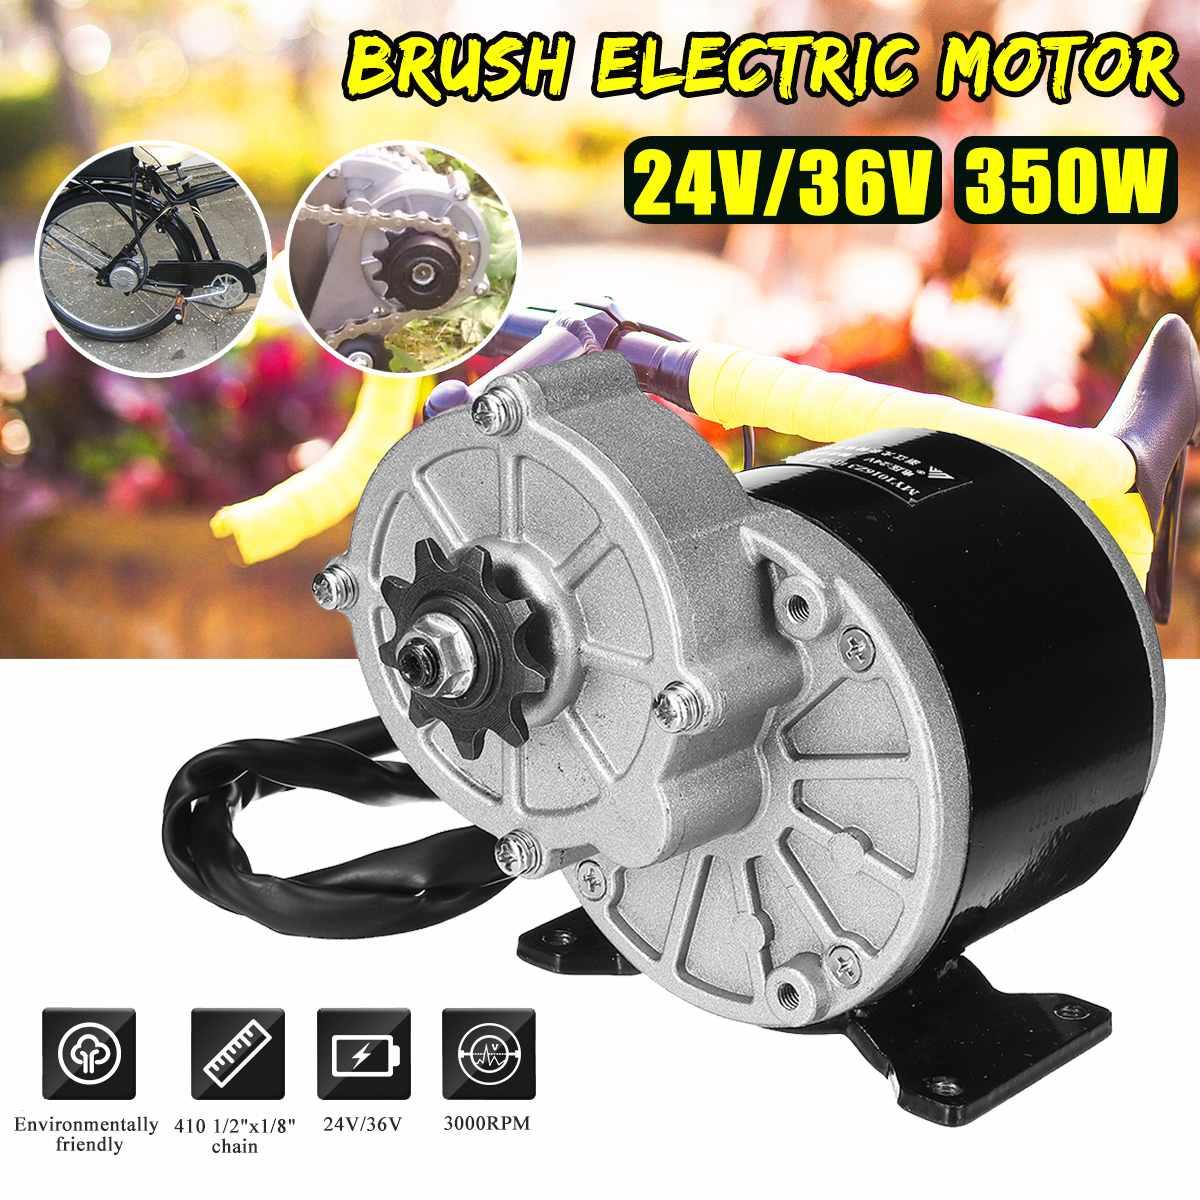 350 W 24 V/36 V DC brosse moteur de vélo électrique pour 410 1/2 ''x1/8 ''chaîne vélo Scooter E vélo accessoires bricolage nouveauté 2019